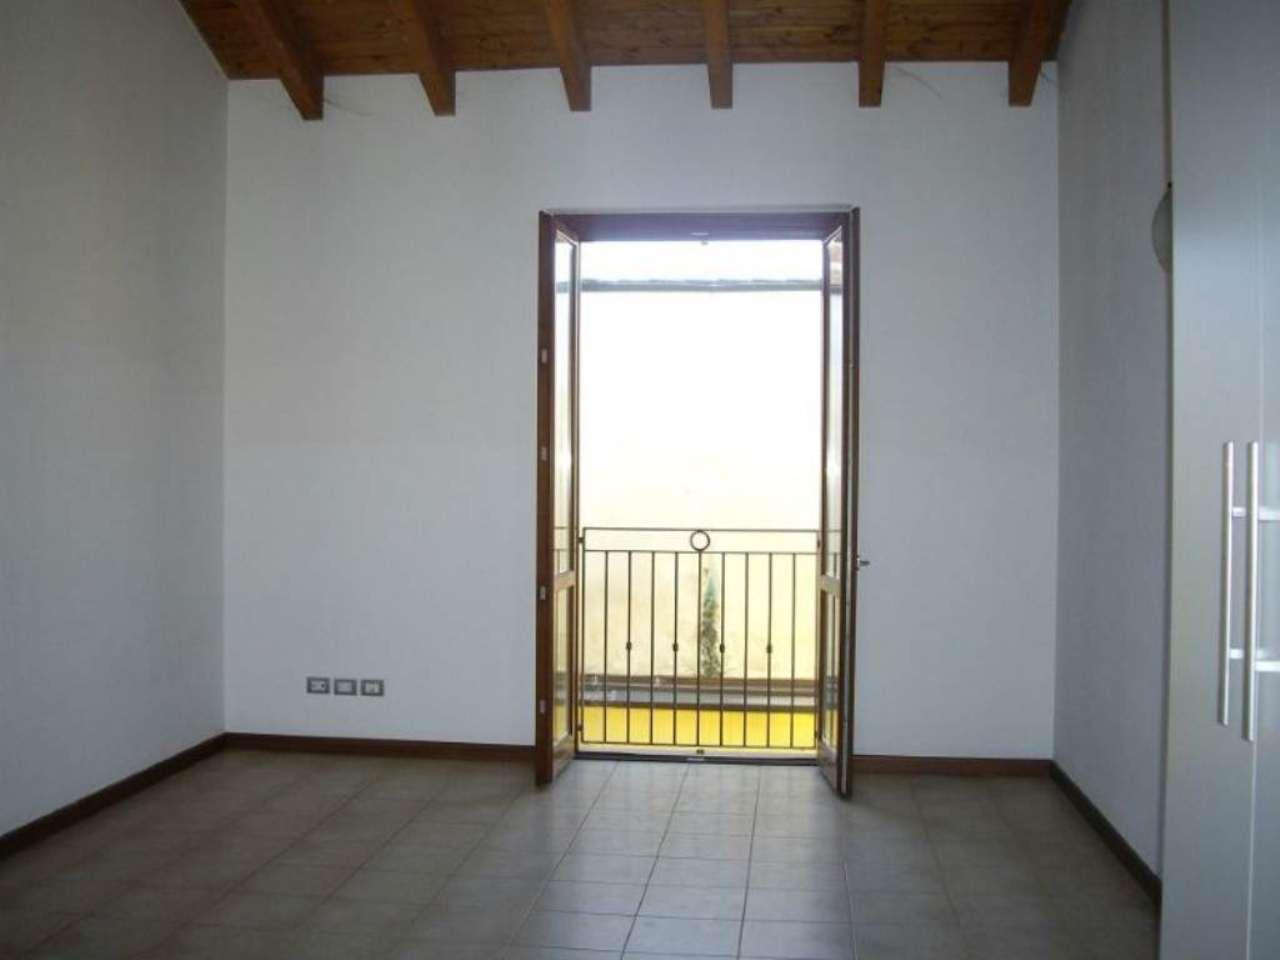 Appartamento in affitto a Arzago d'Adda, 3 locali, prezzo € 650 | CambioCasa.it